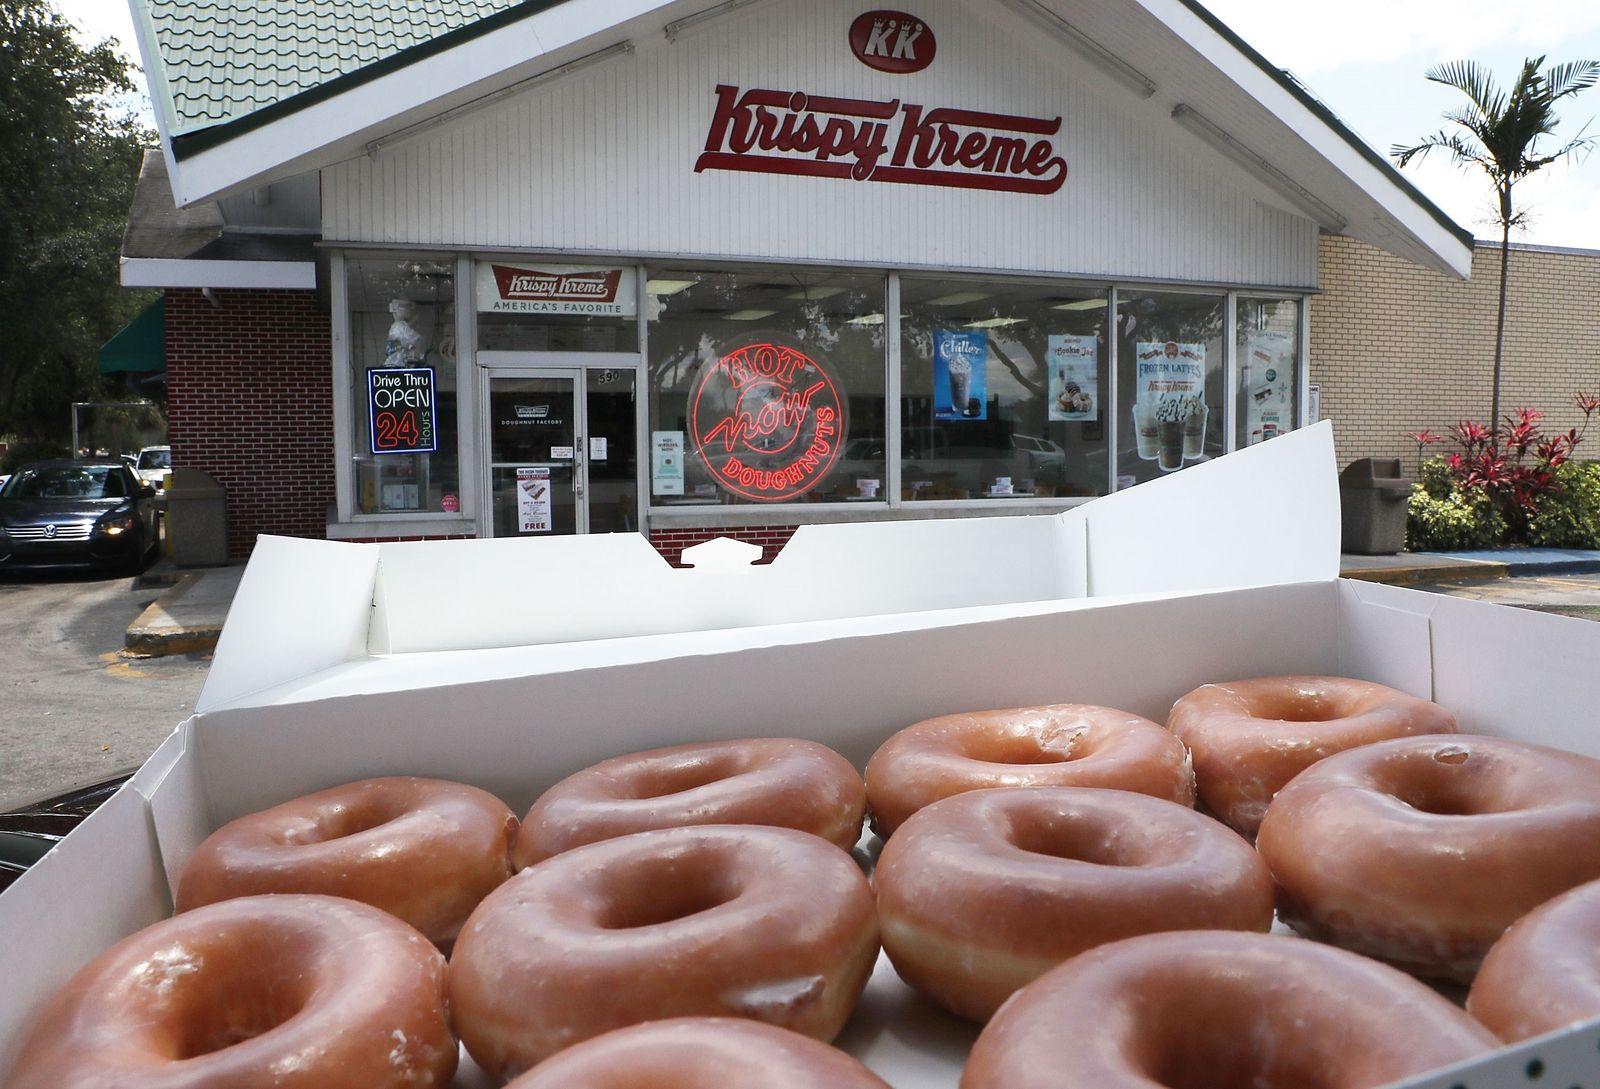 Reimann kauft Krispy Kreme